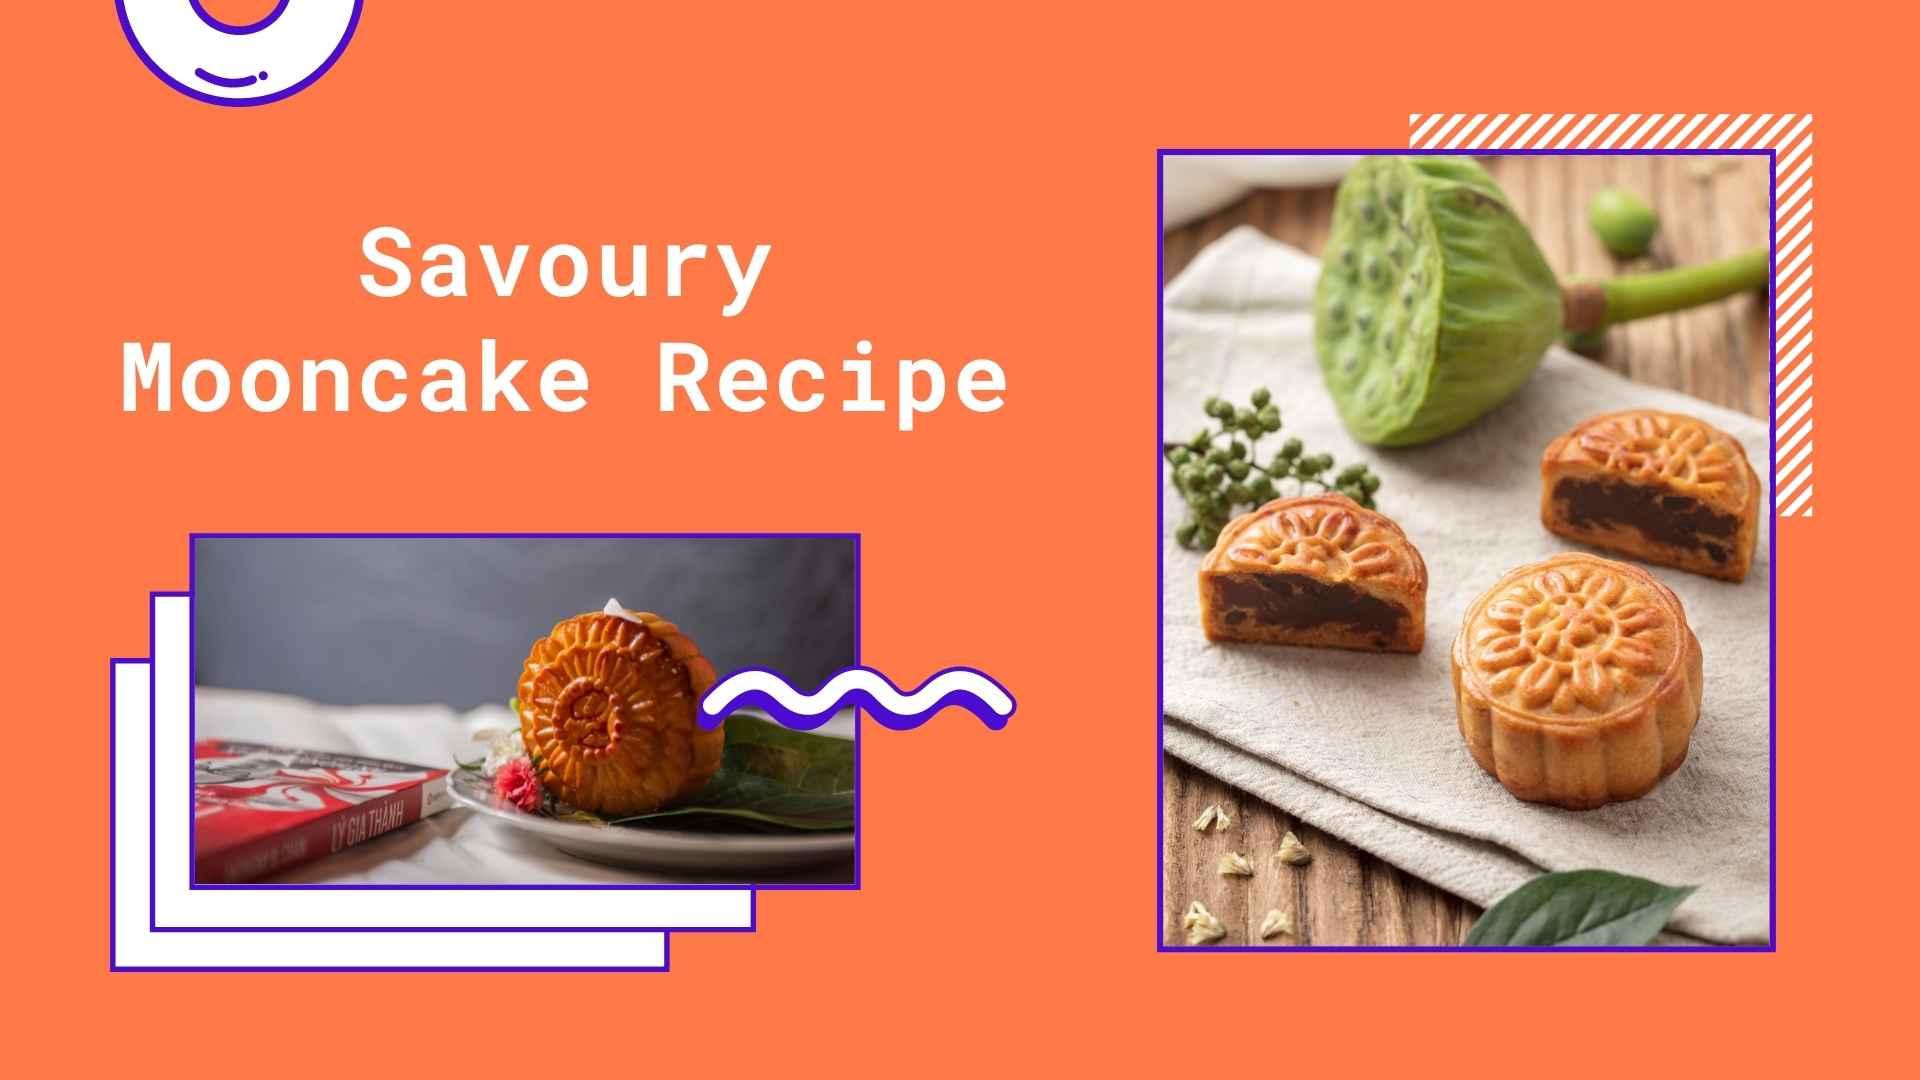 savoury mooncake recipe